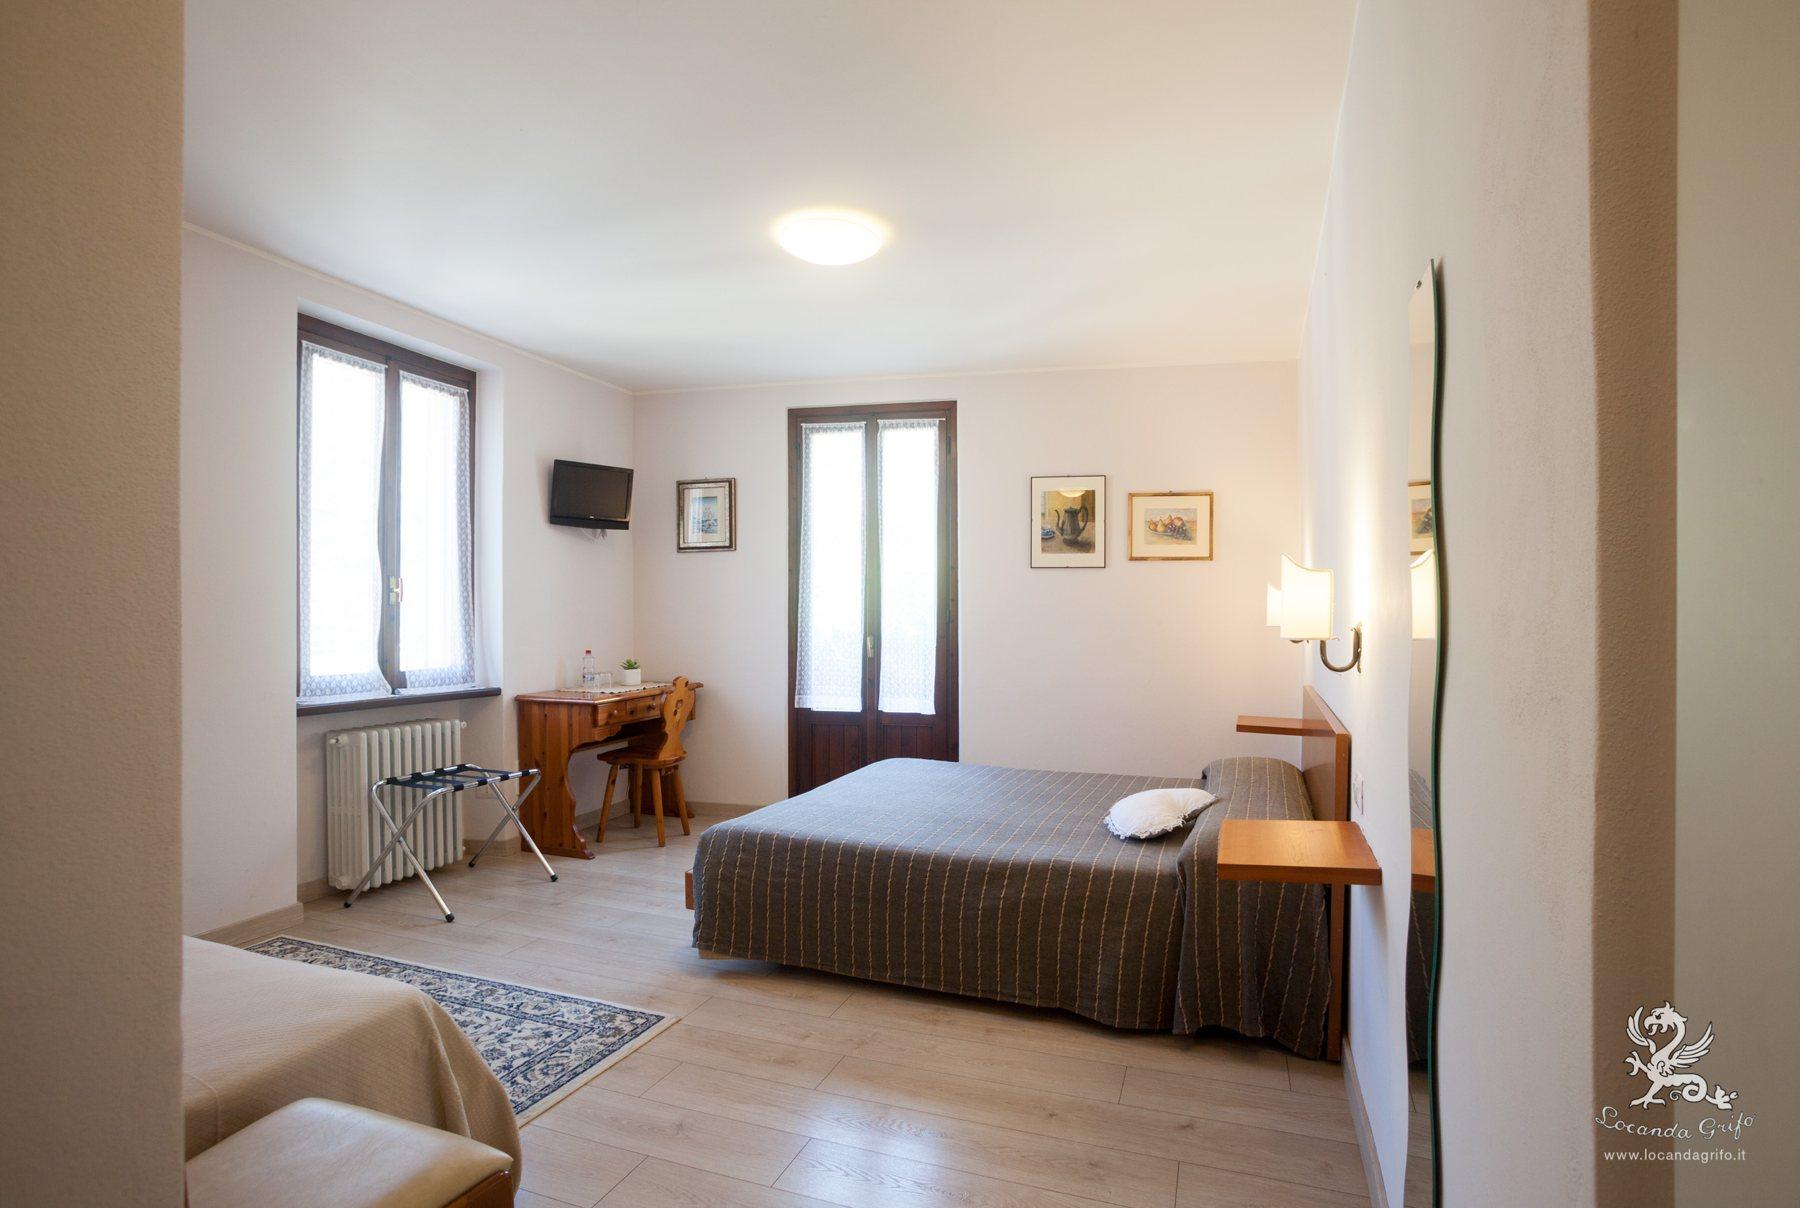 Camera Tripla con letto matrimoniale - Locanda Grifo, albergo a Lenno sul Lago di Como